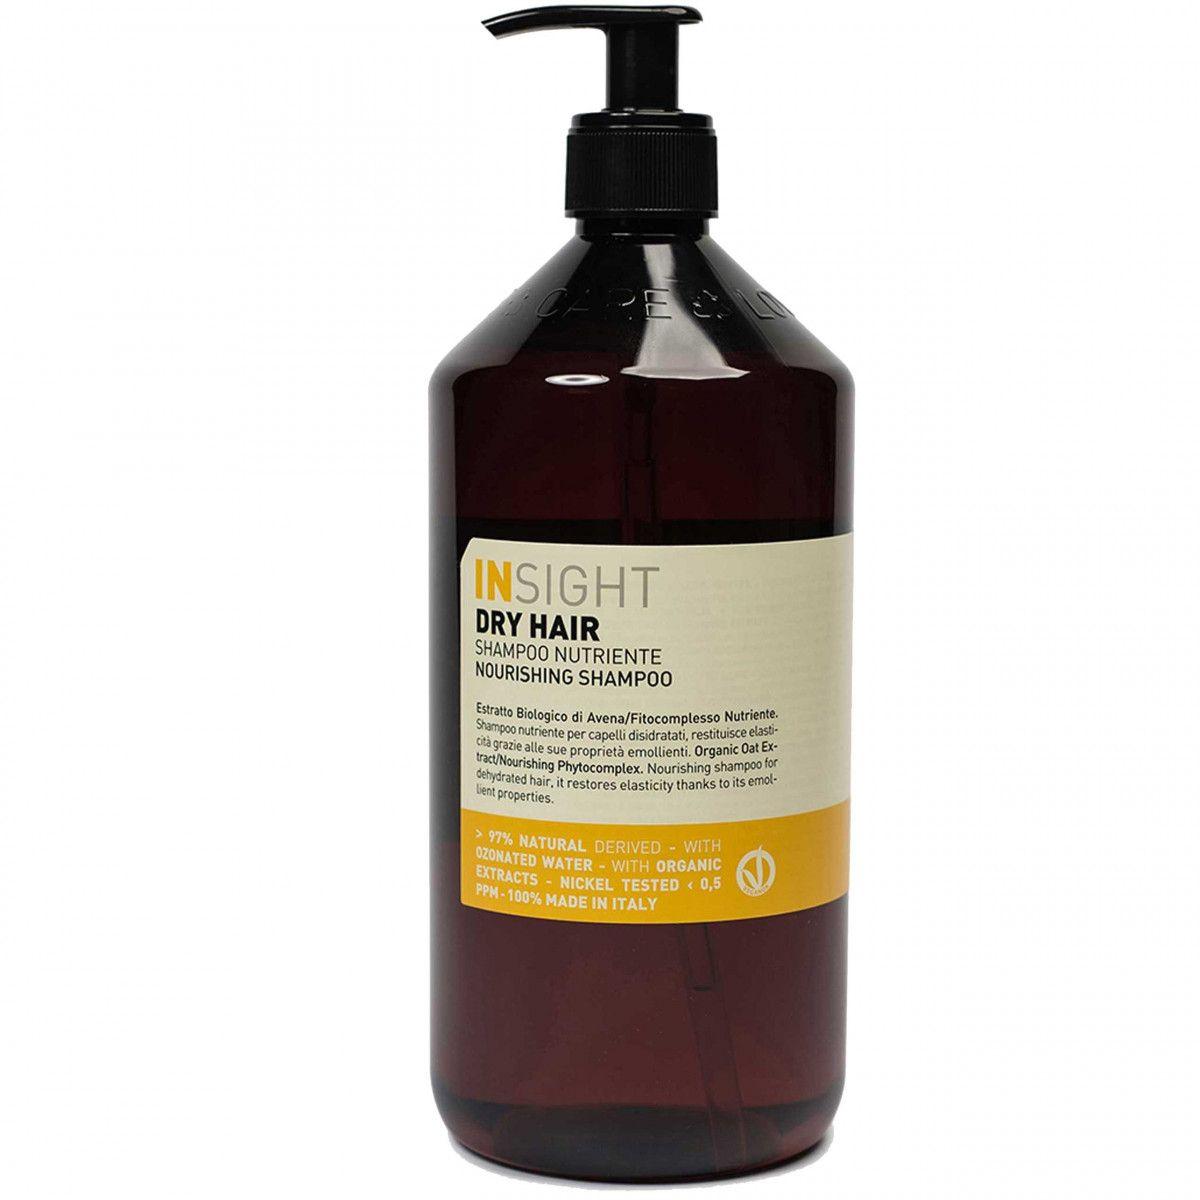 Insight Dry Hair Shampoo Odżywczy Szampon do włosów 900ml